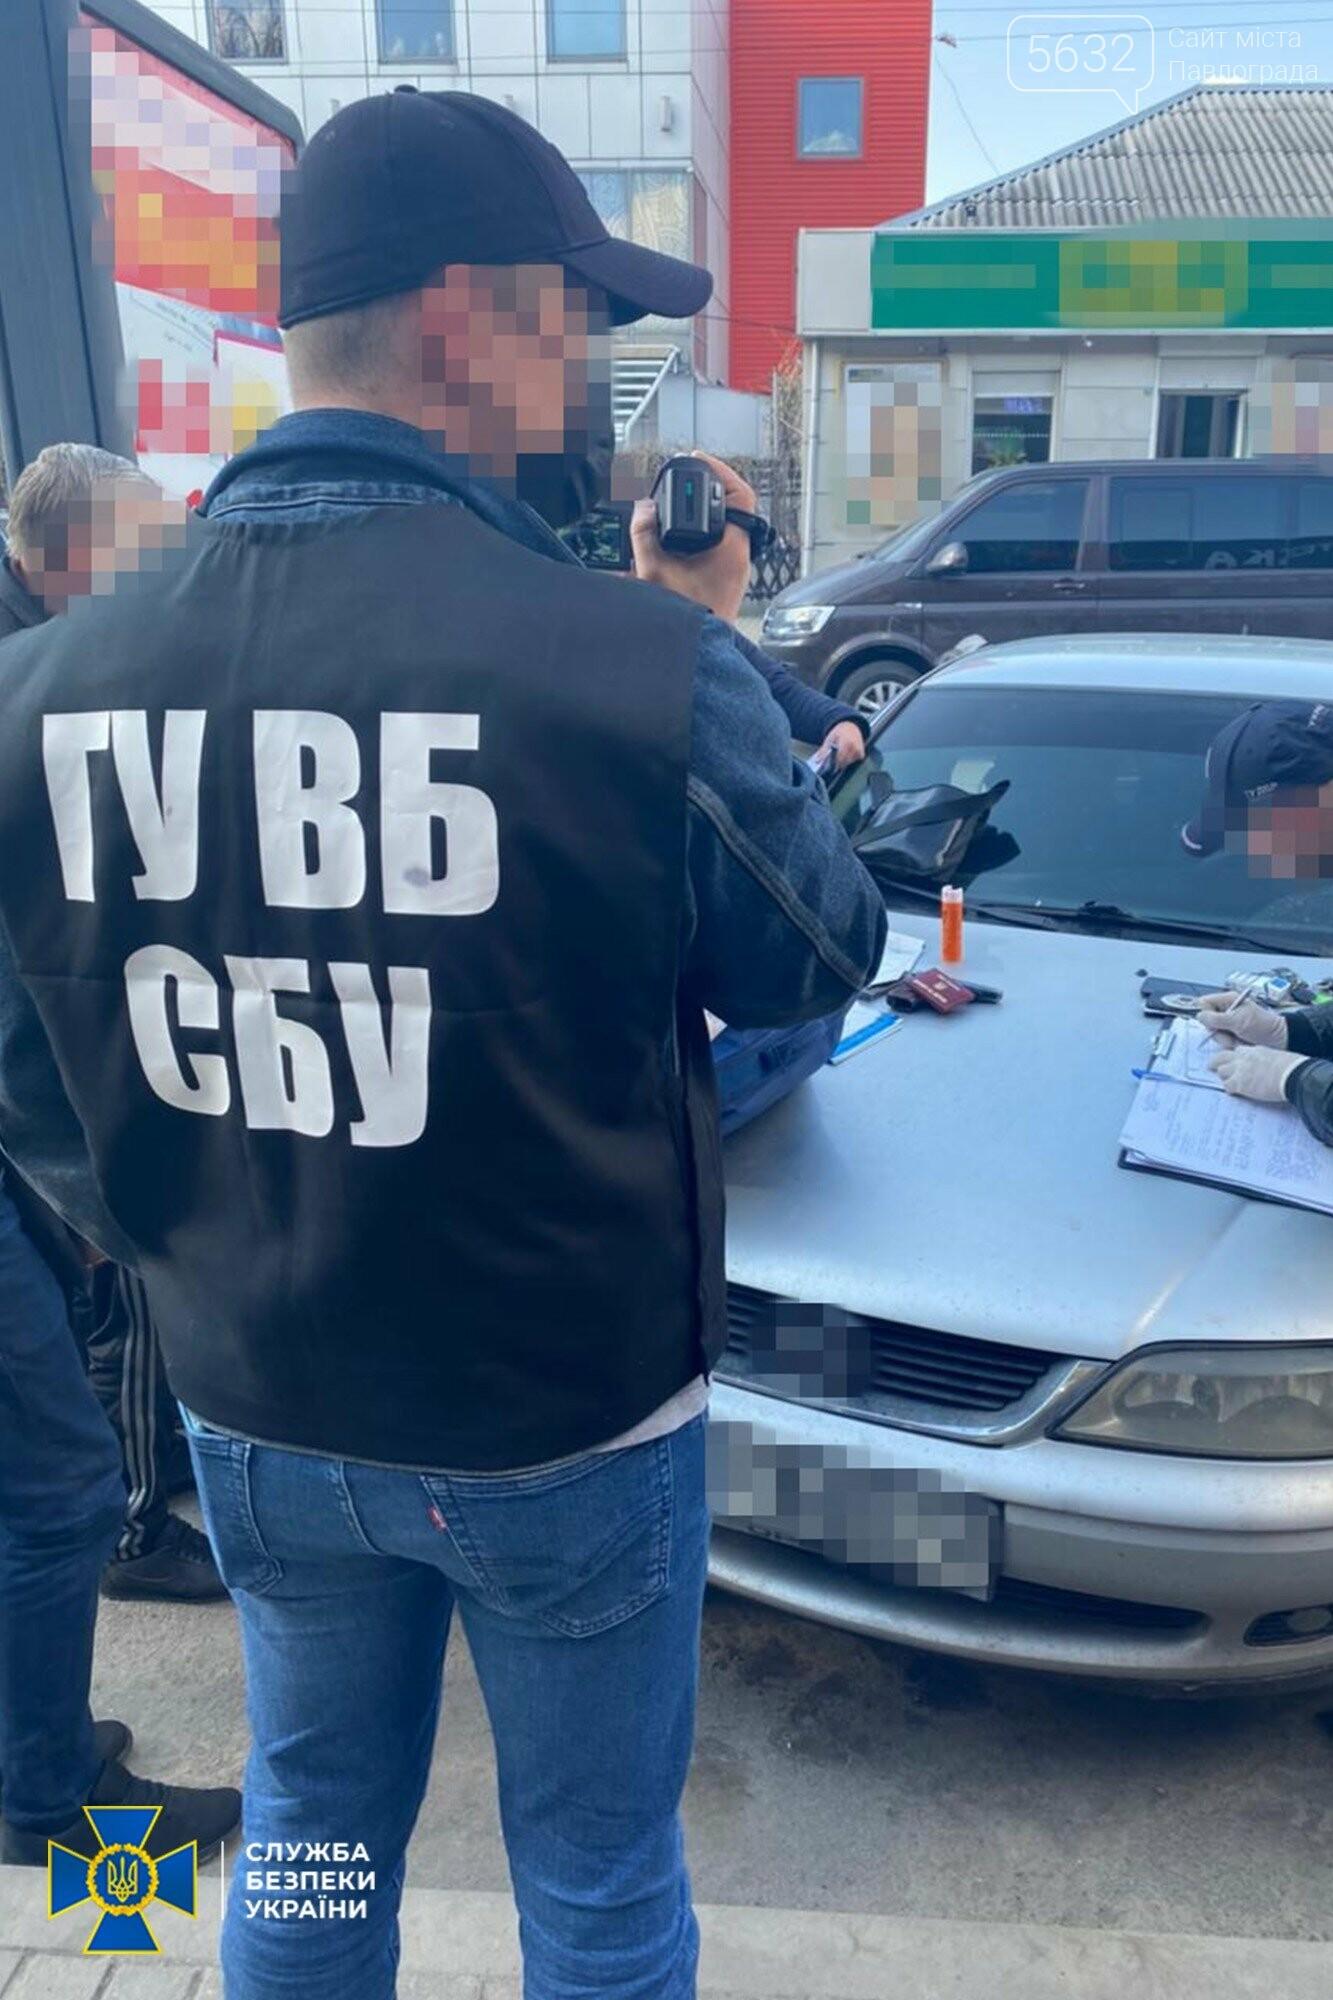 В Павлограде сотрудники СБУ разоблачили полицейских, которые продавали наркотики, фото-3